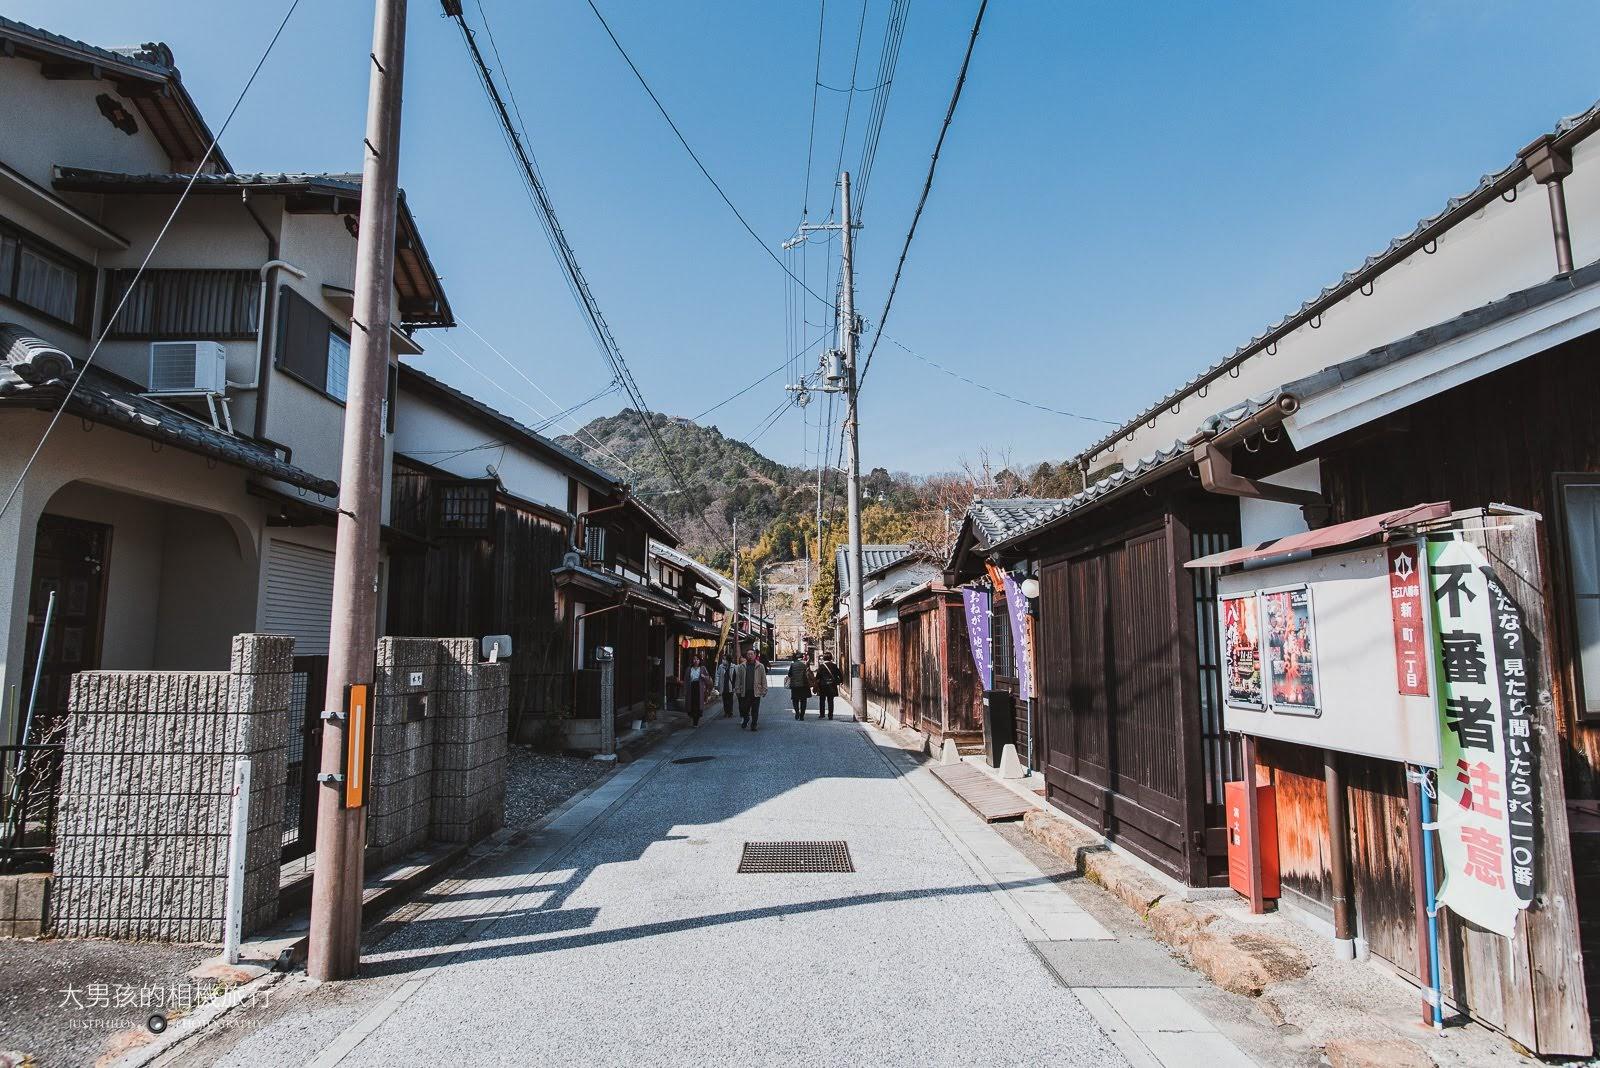 八幡堀街道上都是居有濃厚歷史氣息的日式建築。